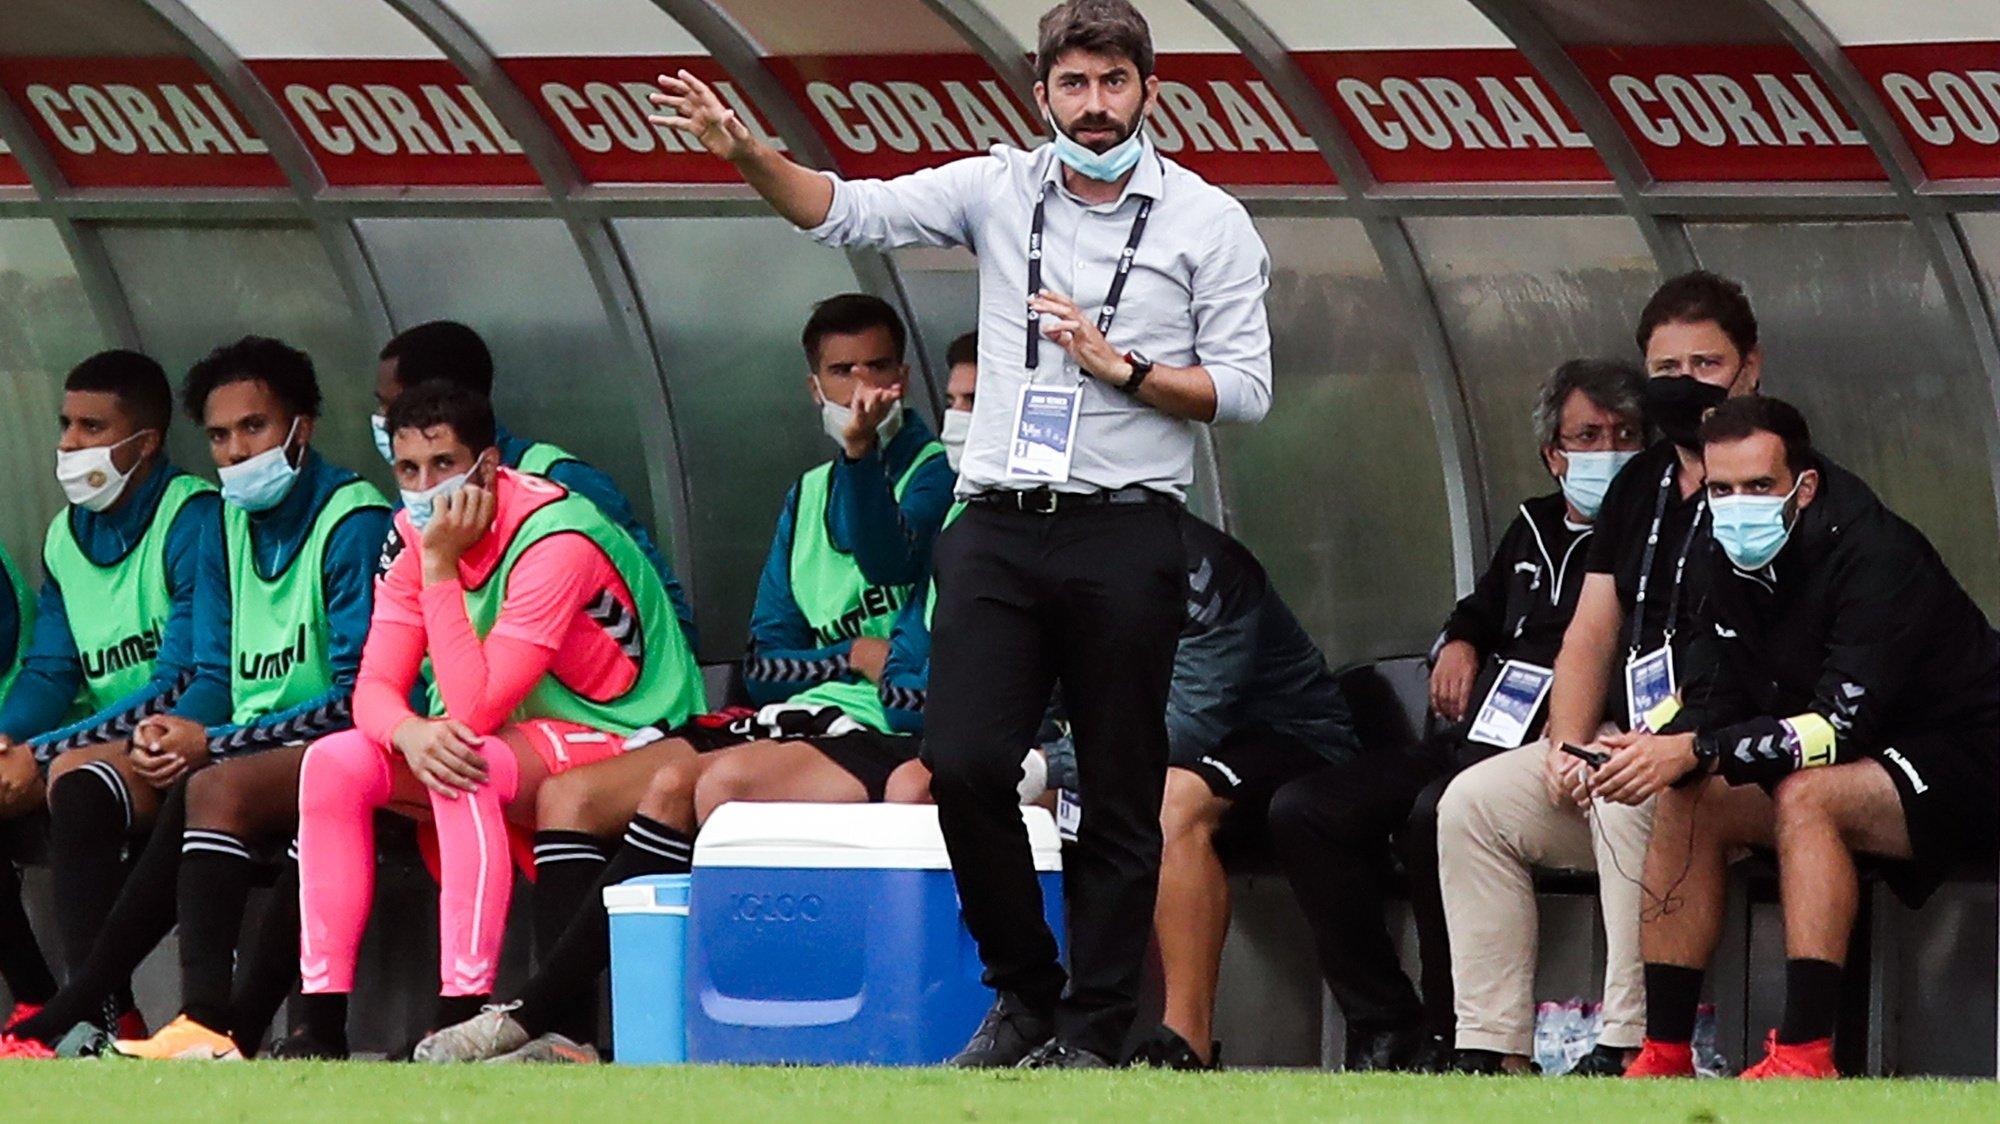 O treinador do Nacional, Luís Freire, reage durante o jogo da Primeira Liga de futebol contra o Belenenses SAD realizado no Estádio da Madeira, no Funchal, 4 de outubro de 2020, HOMEM DE GOUVEIA/LUSA